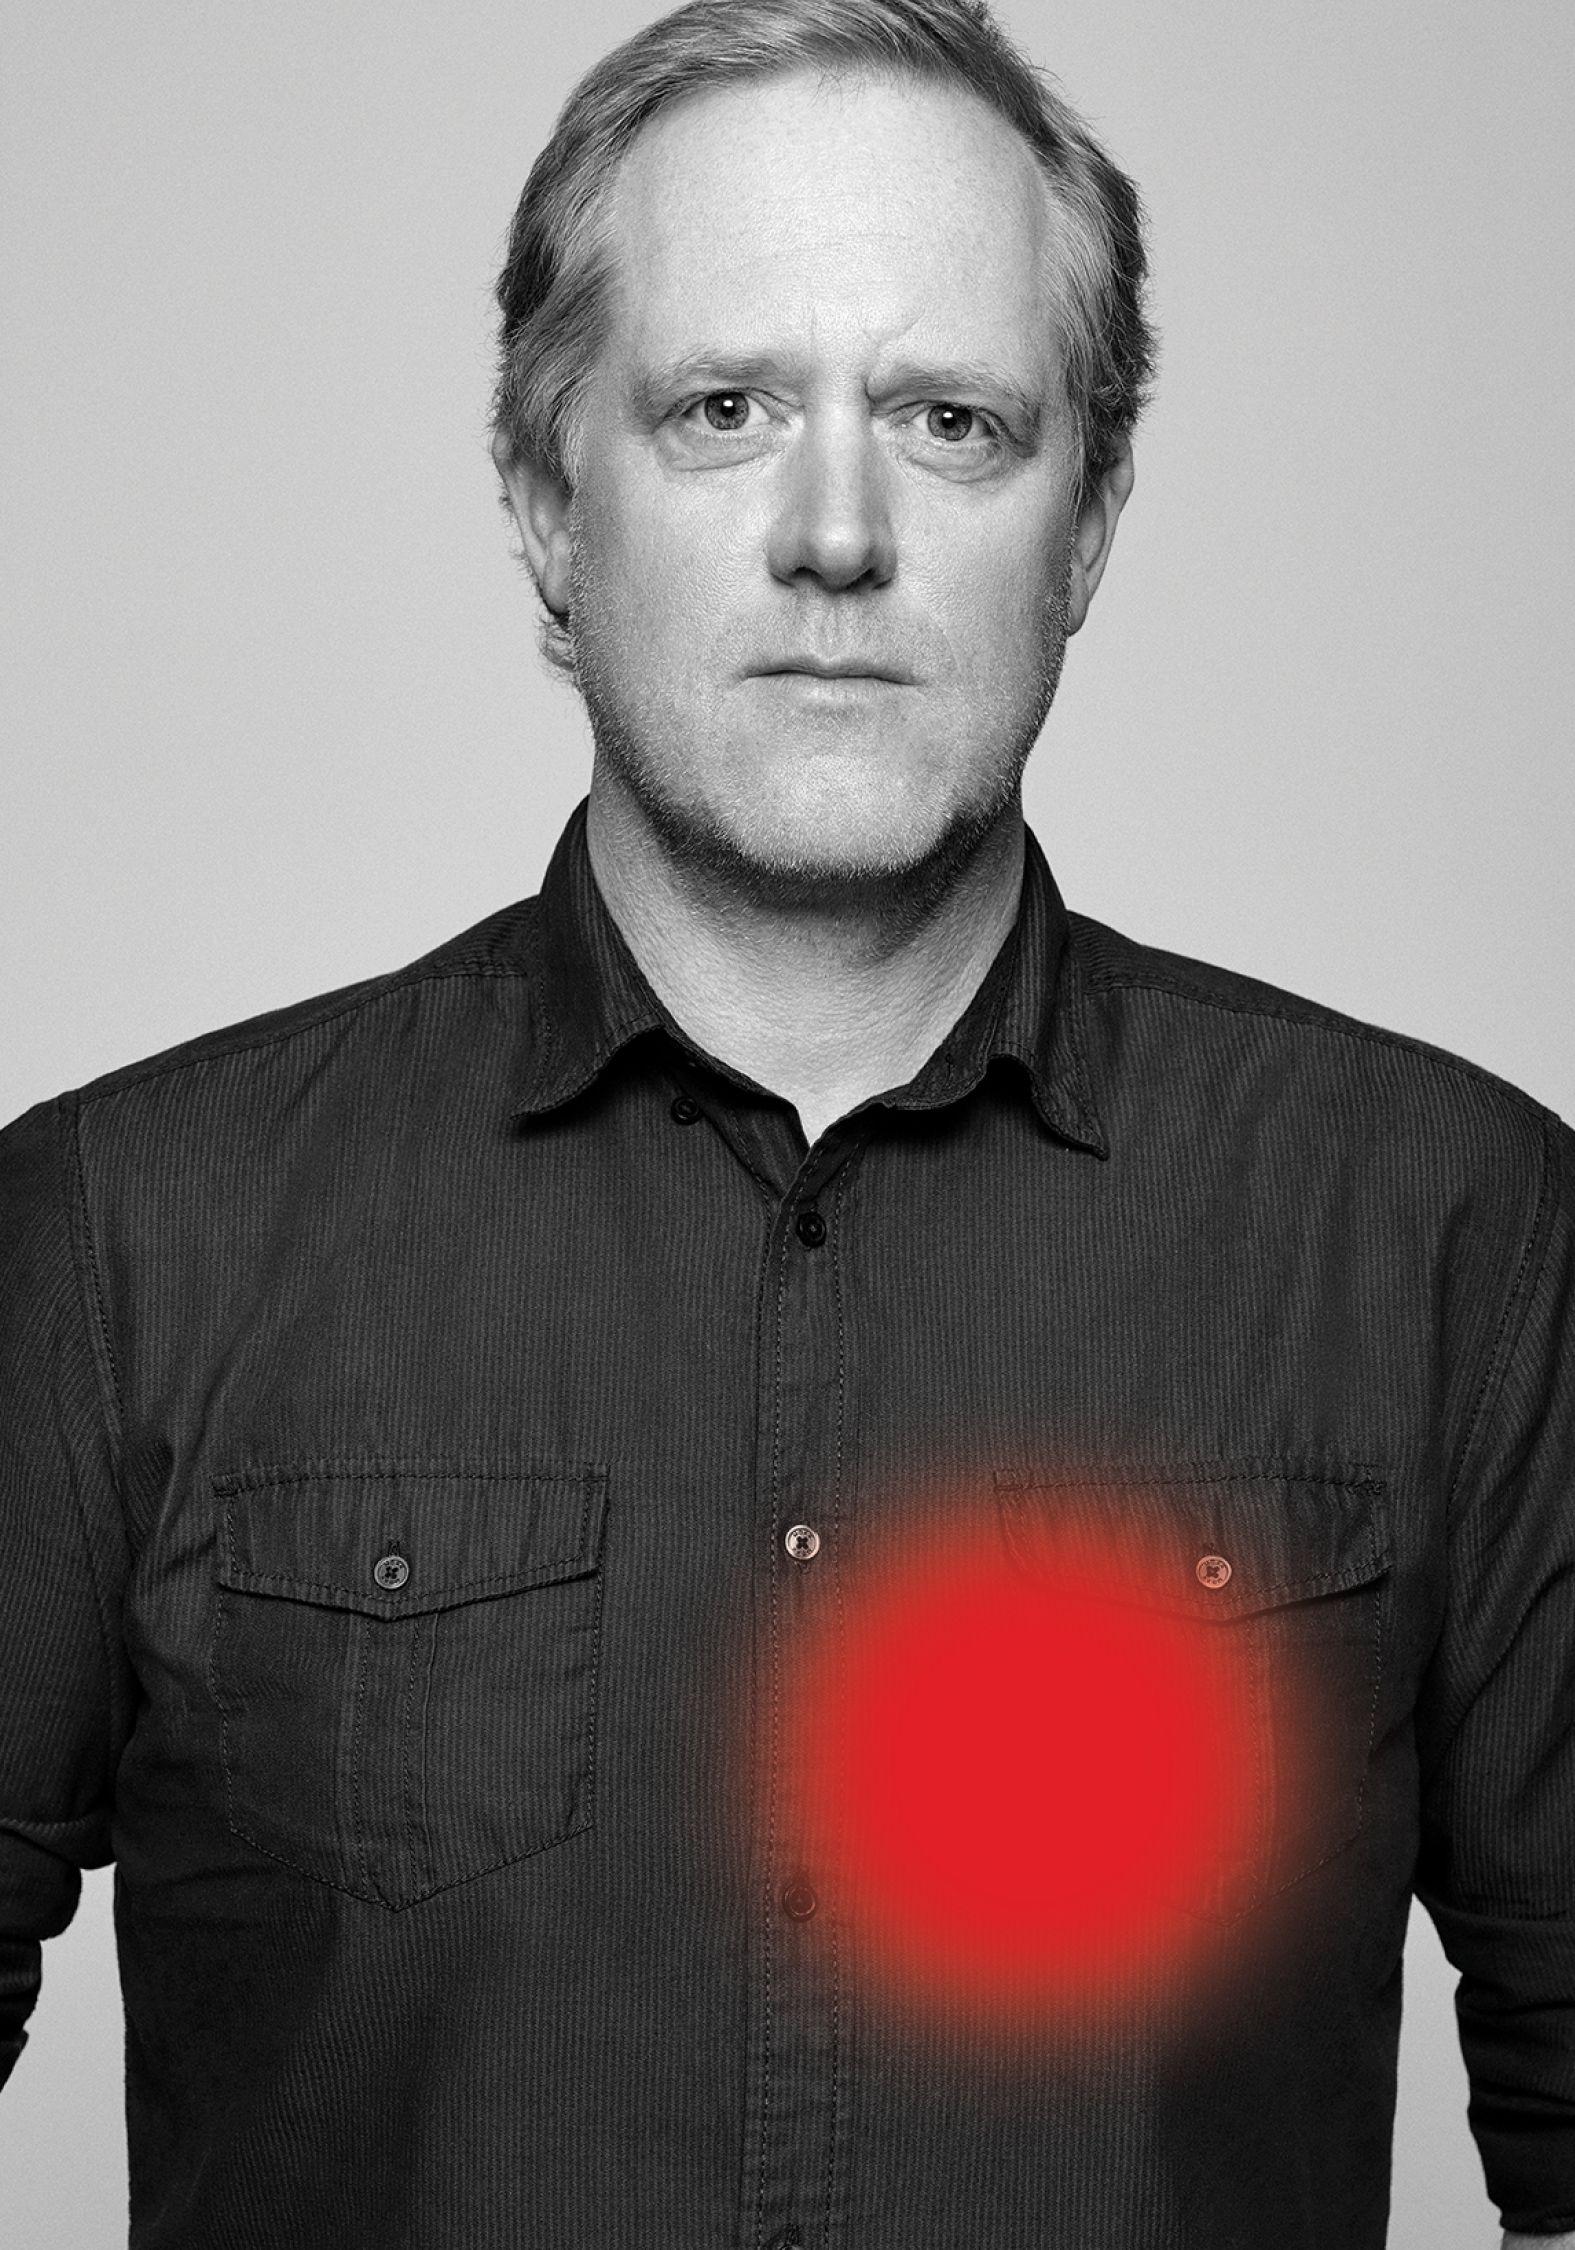 Portrait en noir et blanc de Marc Séguin portant une chemise rayée.